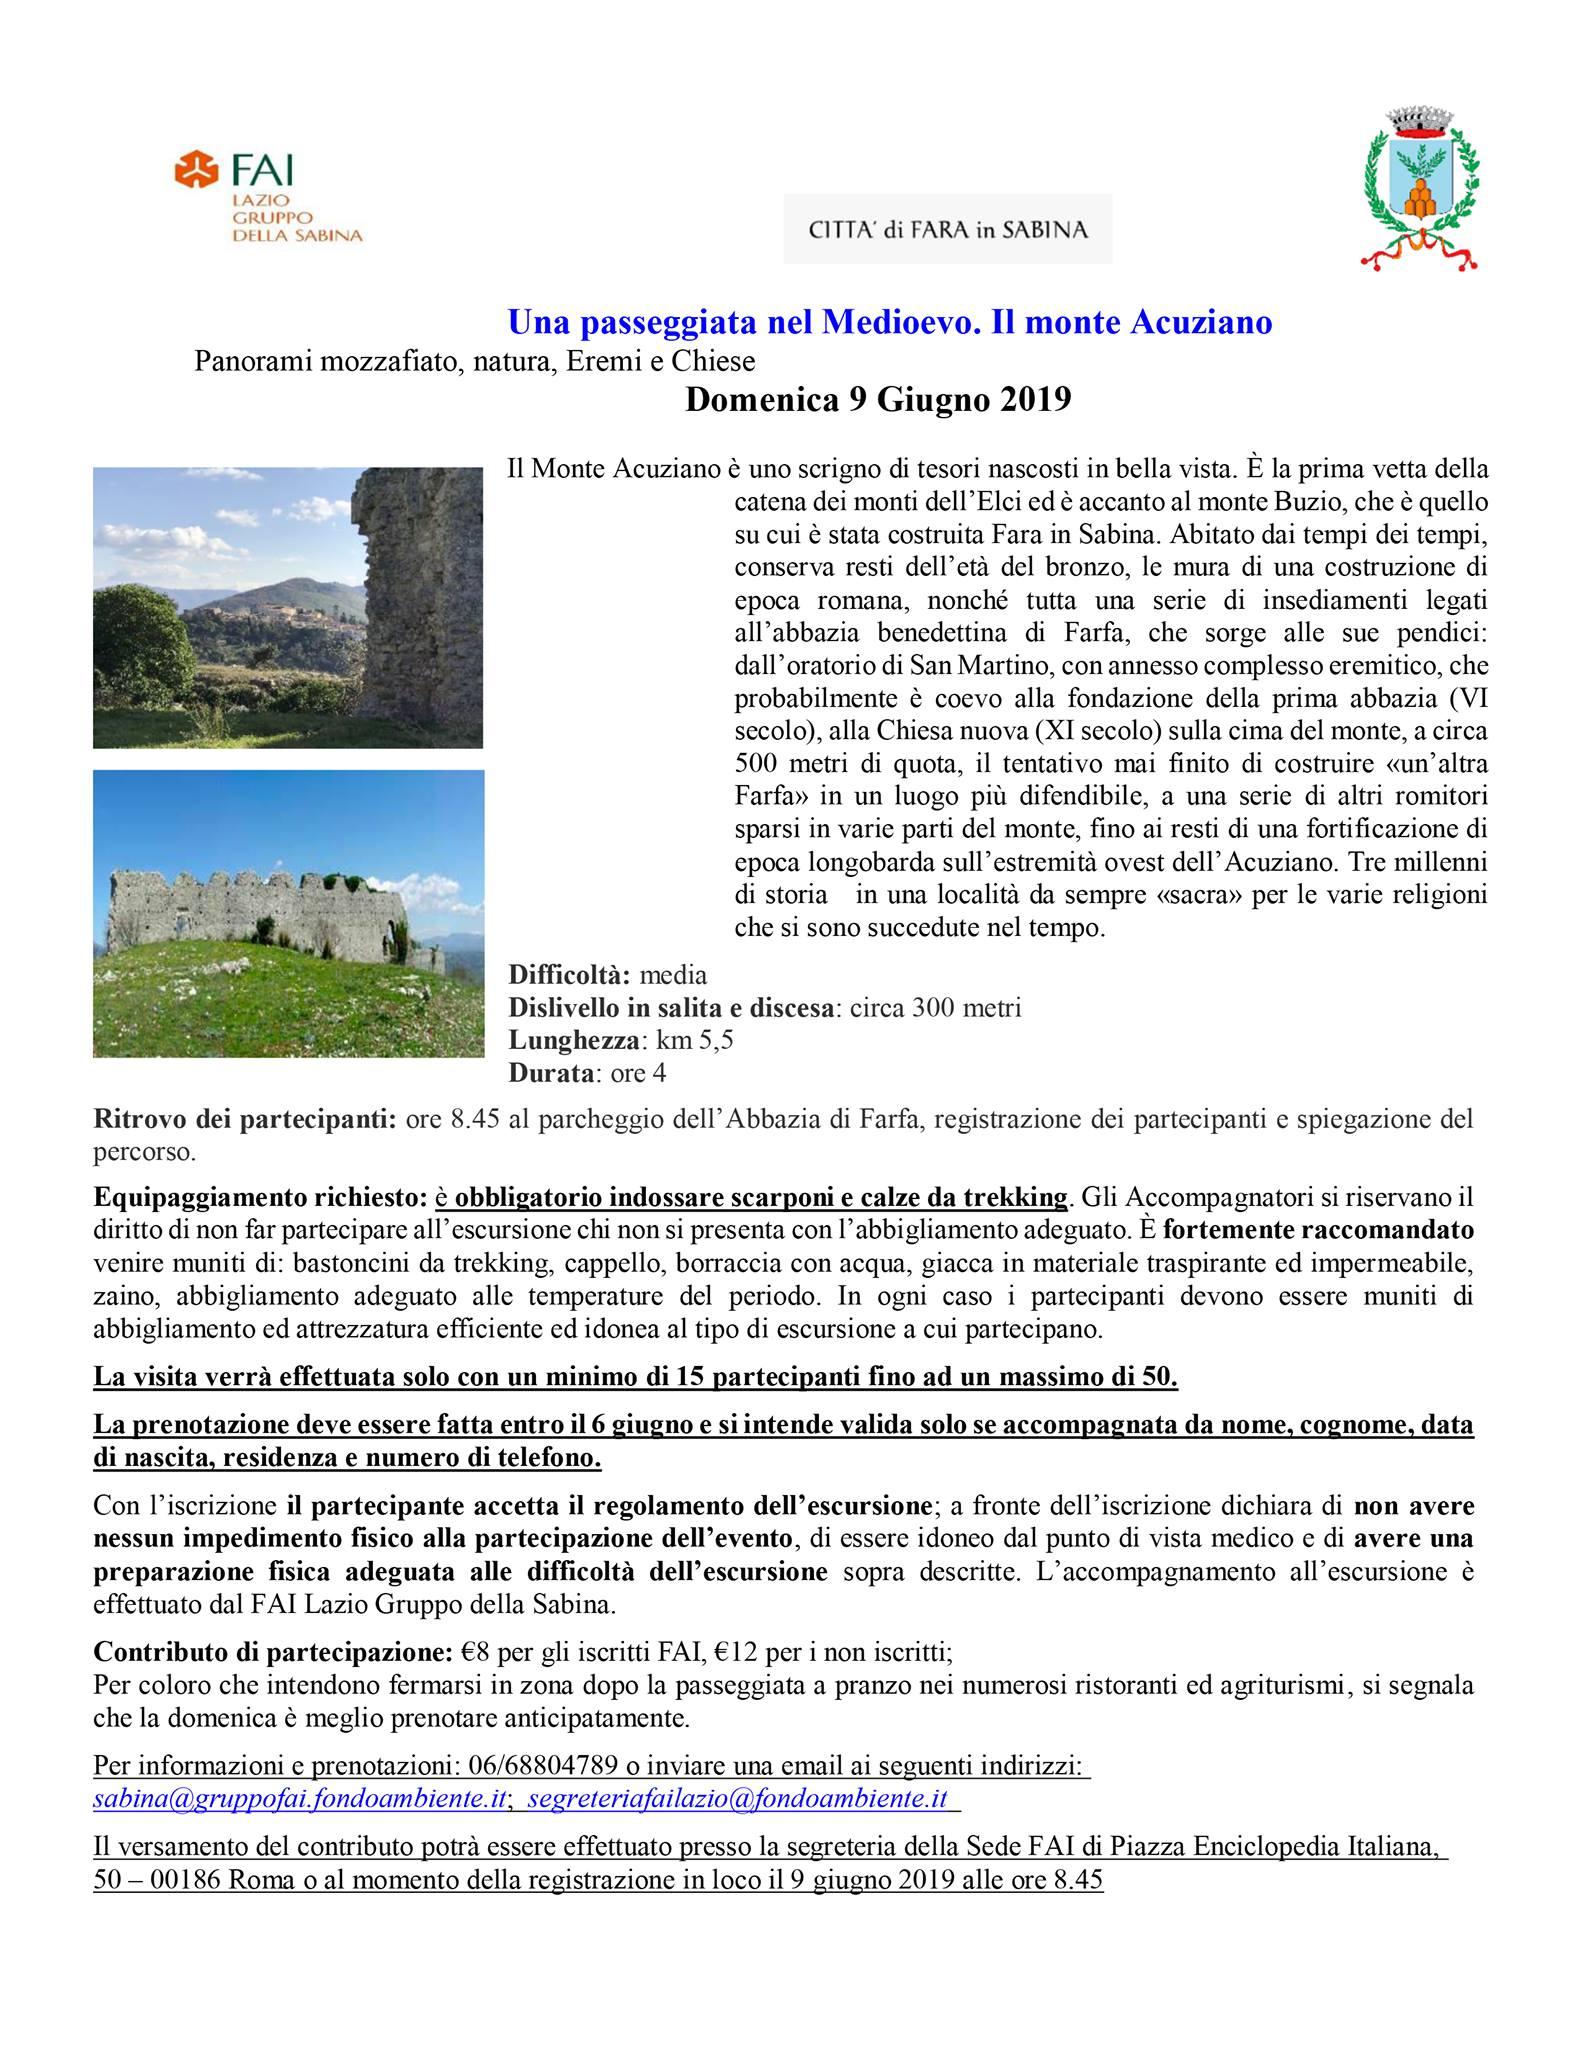 Una passeggiata nel Medioevo: il Monte Acuziano con il gruppo FAI Sabina - eventi in sabina